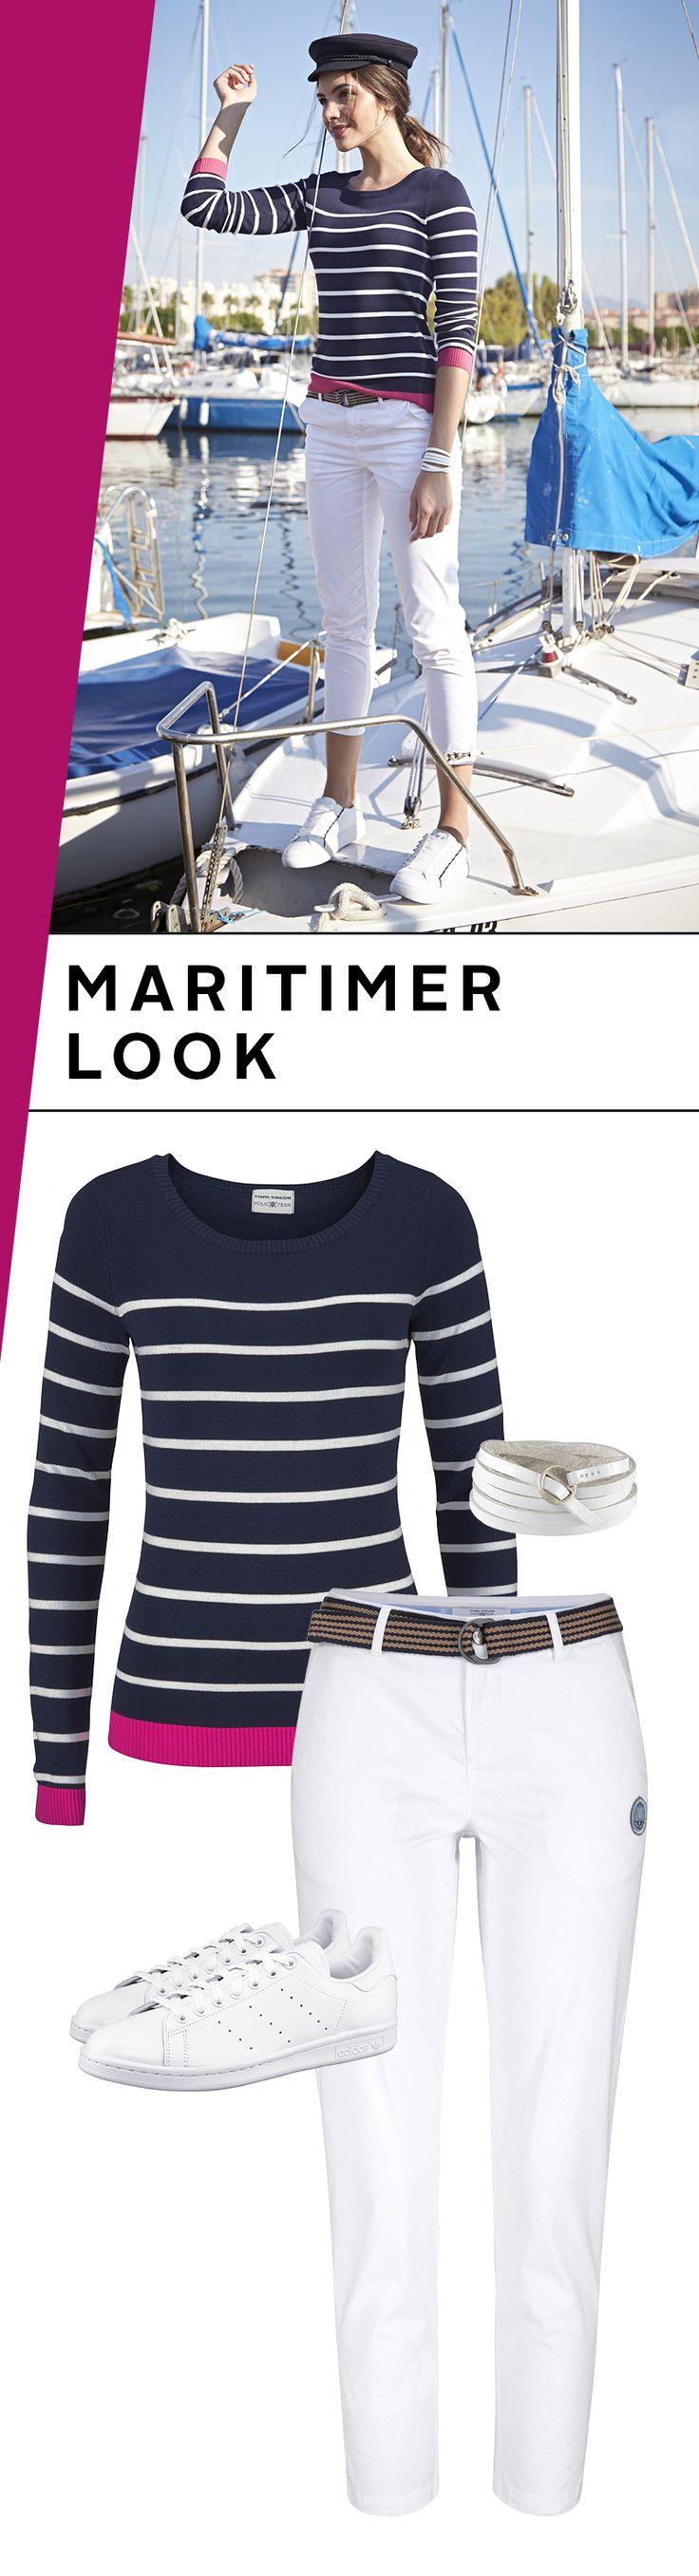 Auch in diesem Frühling segelt der maritime Look weiter durch die Styletrends. Und wie! Von der weißen 7/8-Hose hebt sich der Rundhalspullover mit den tollen kontrastfarbenen Bündchen herrlich ab. Weiße Sneaker machen den Look perfekt. So einfach, so schön, so maritim!